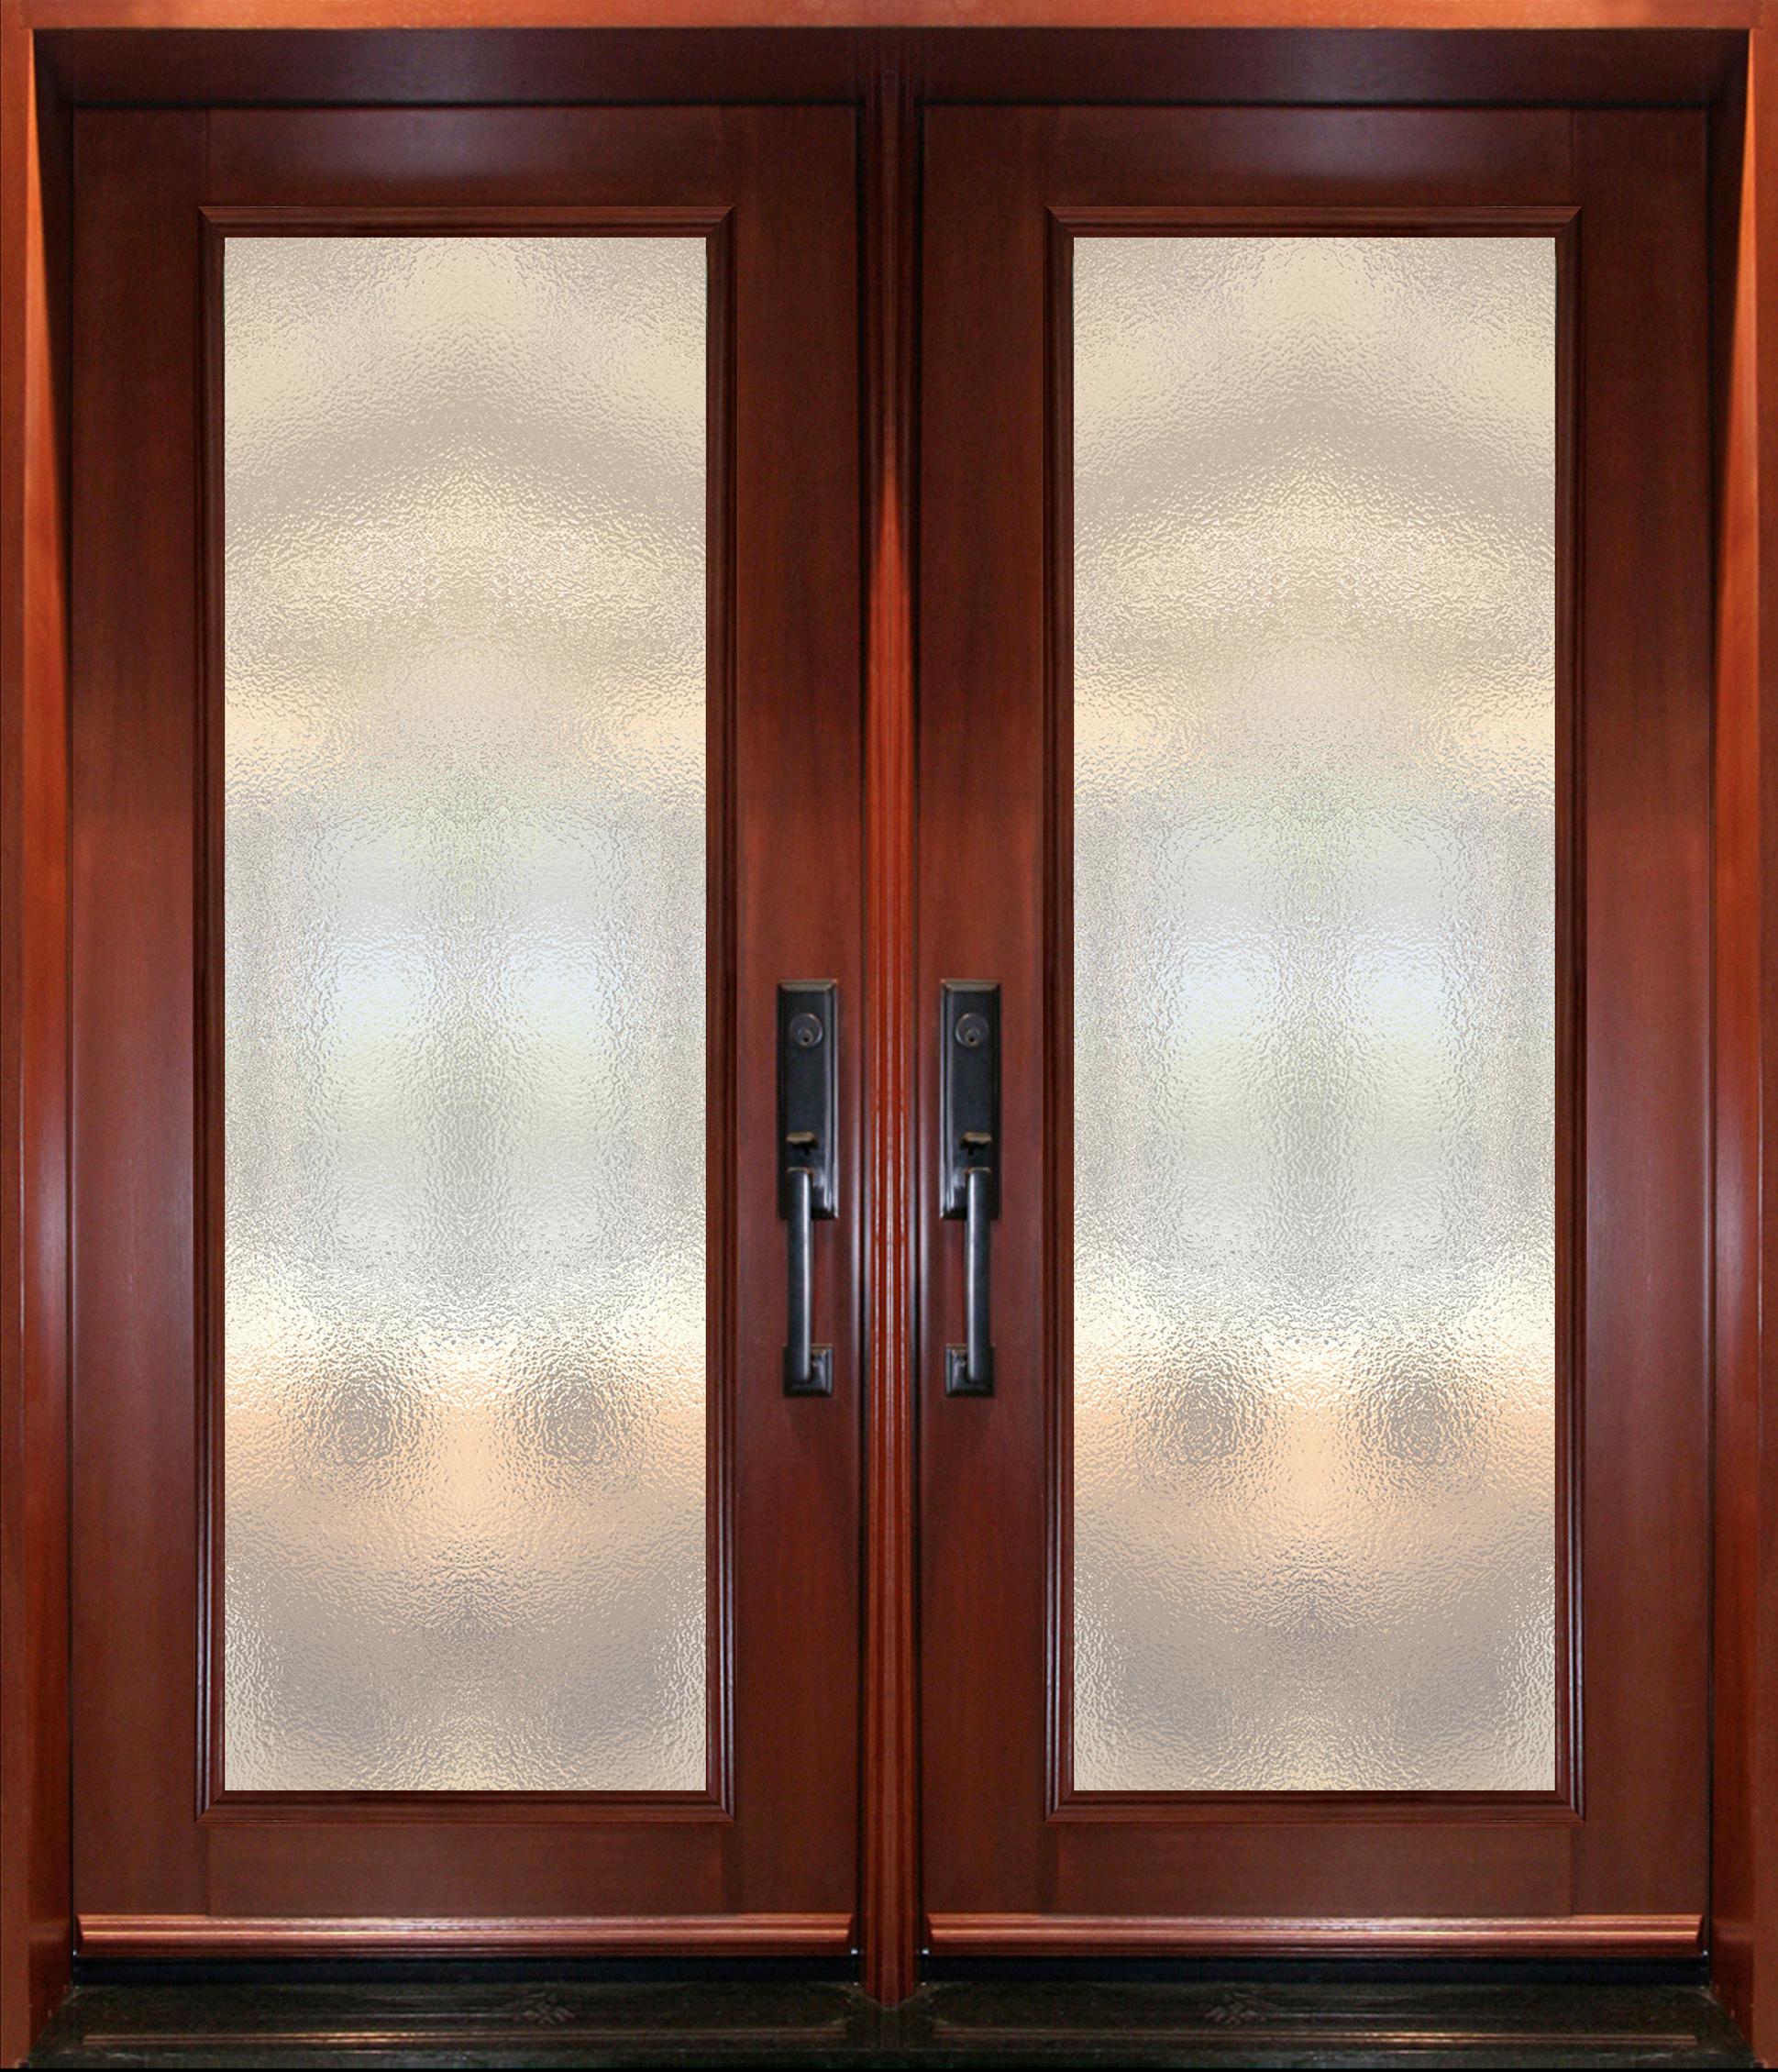 pa60 porte double acier bois cerisier portatec fabricant de portes sur mesure. Black Bedroom Furniture Sets. Home Design Ideas